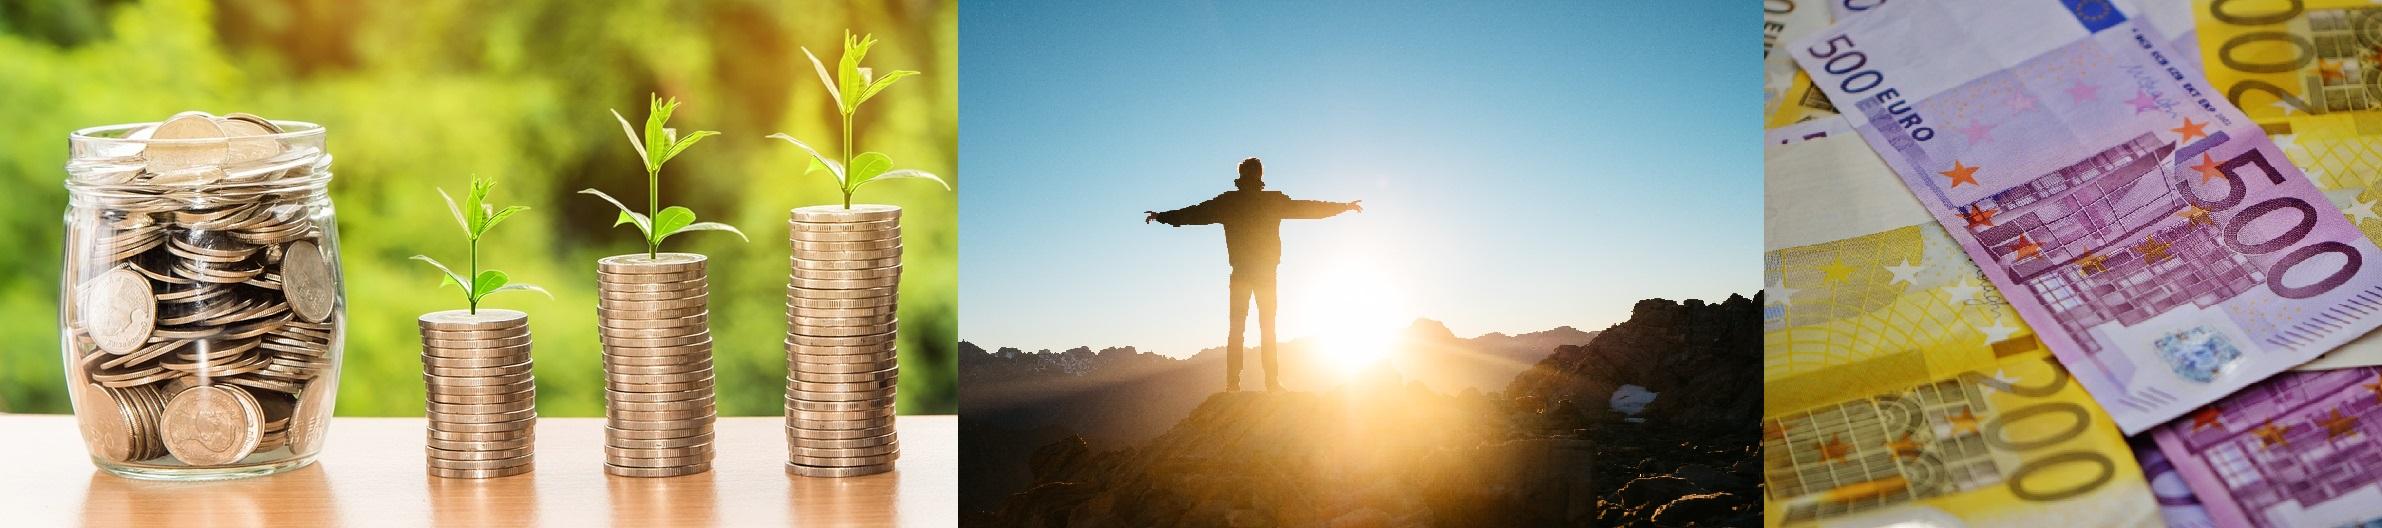 Network Marketing & Empfehlungsmarketing mit Pflanzenpower - ehrlich, ethisch, nachhaltig Logo